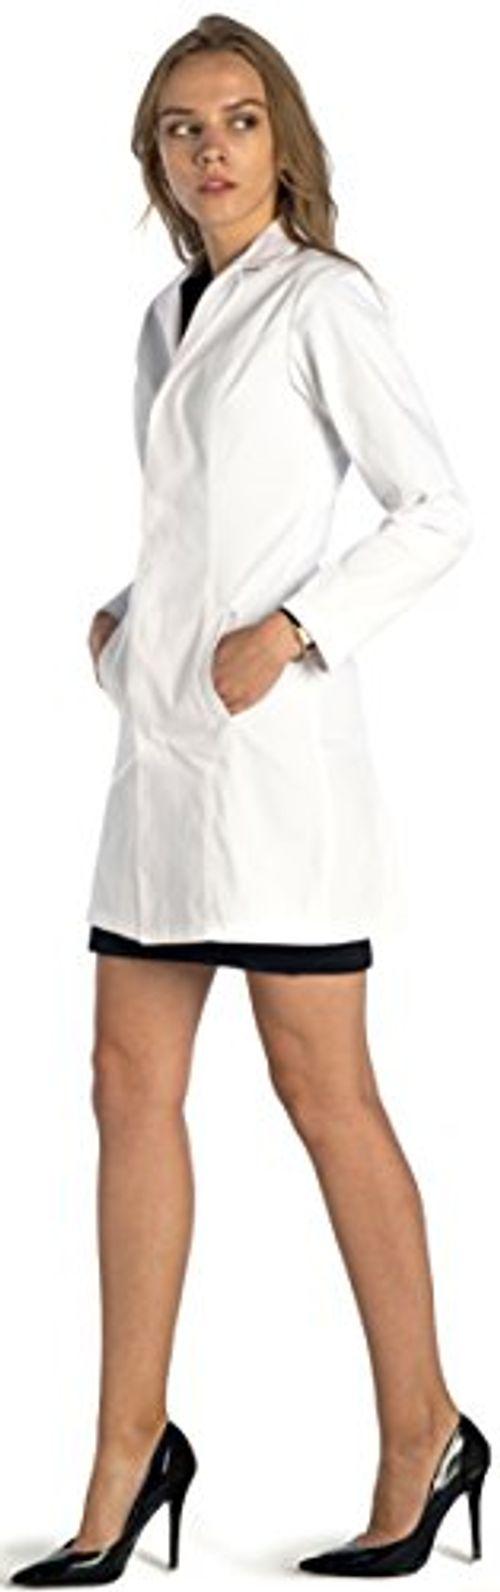 photo Wallpaper of Dr. James-Dr. James Taillierter Slim Fit Laborkittel Für Damen DE 18 E, Größe EU-Weiß